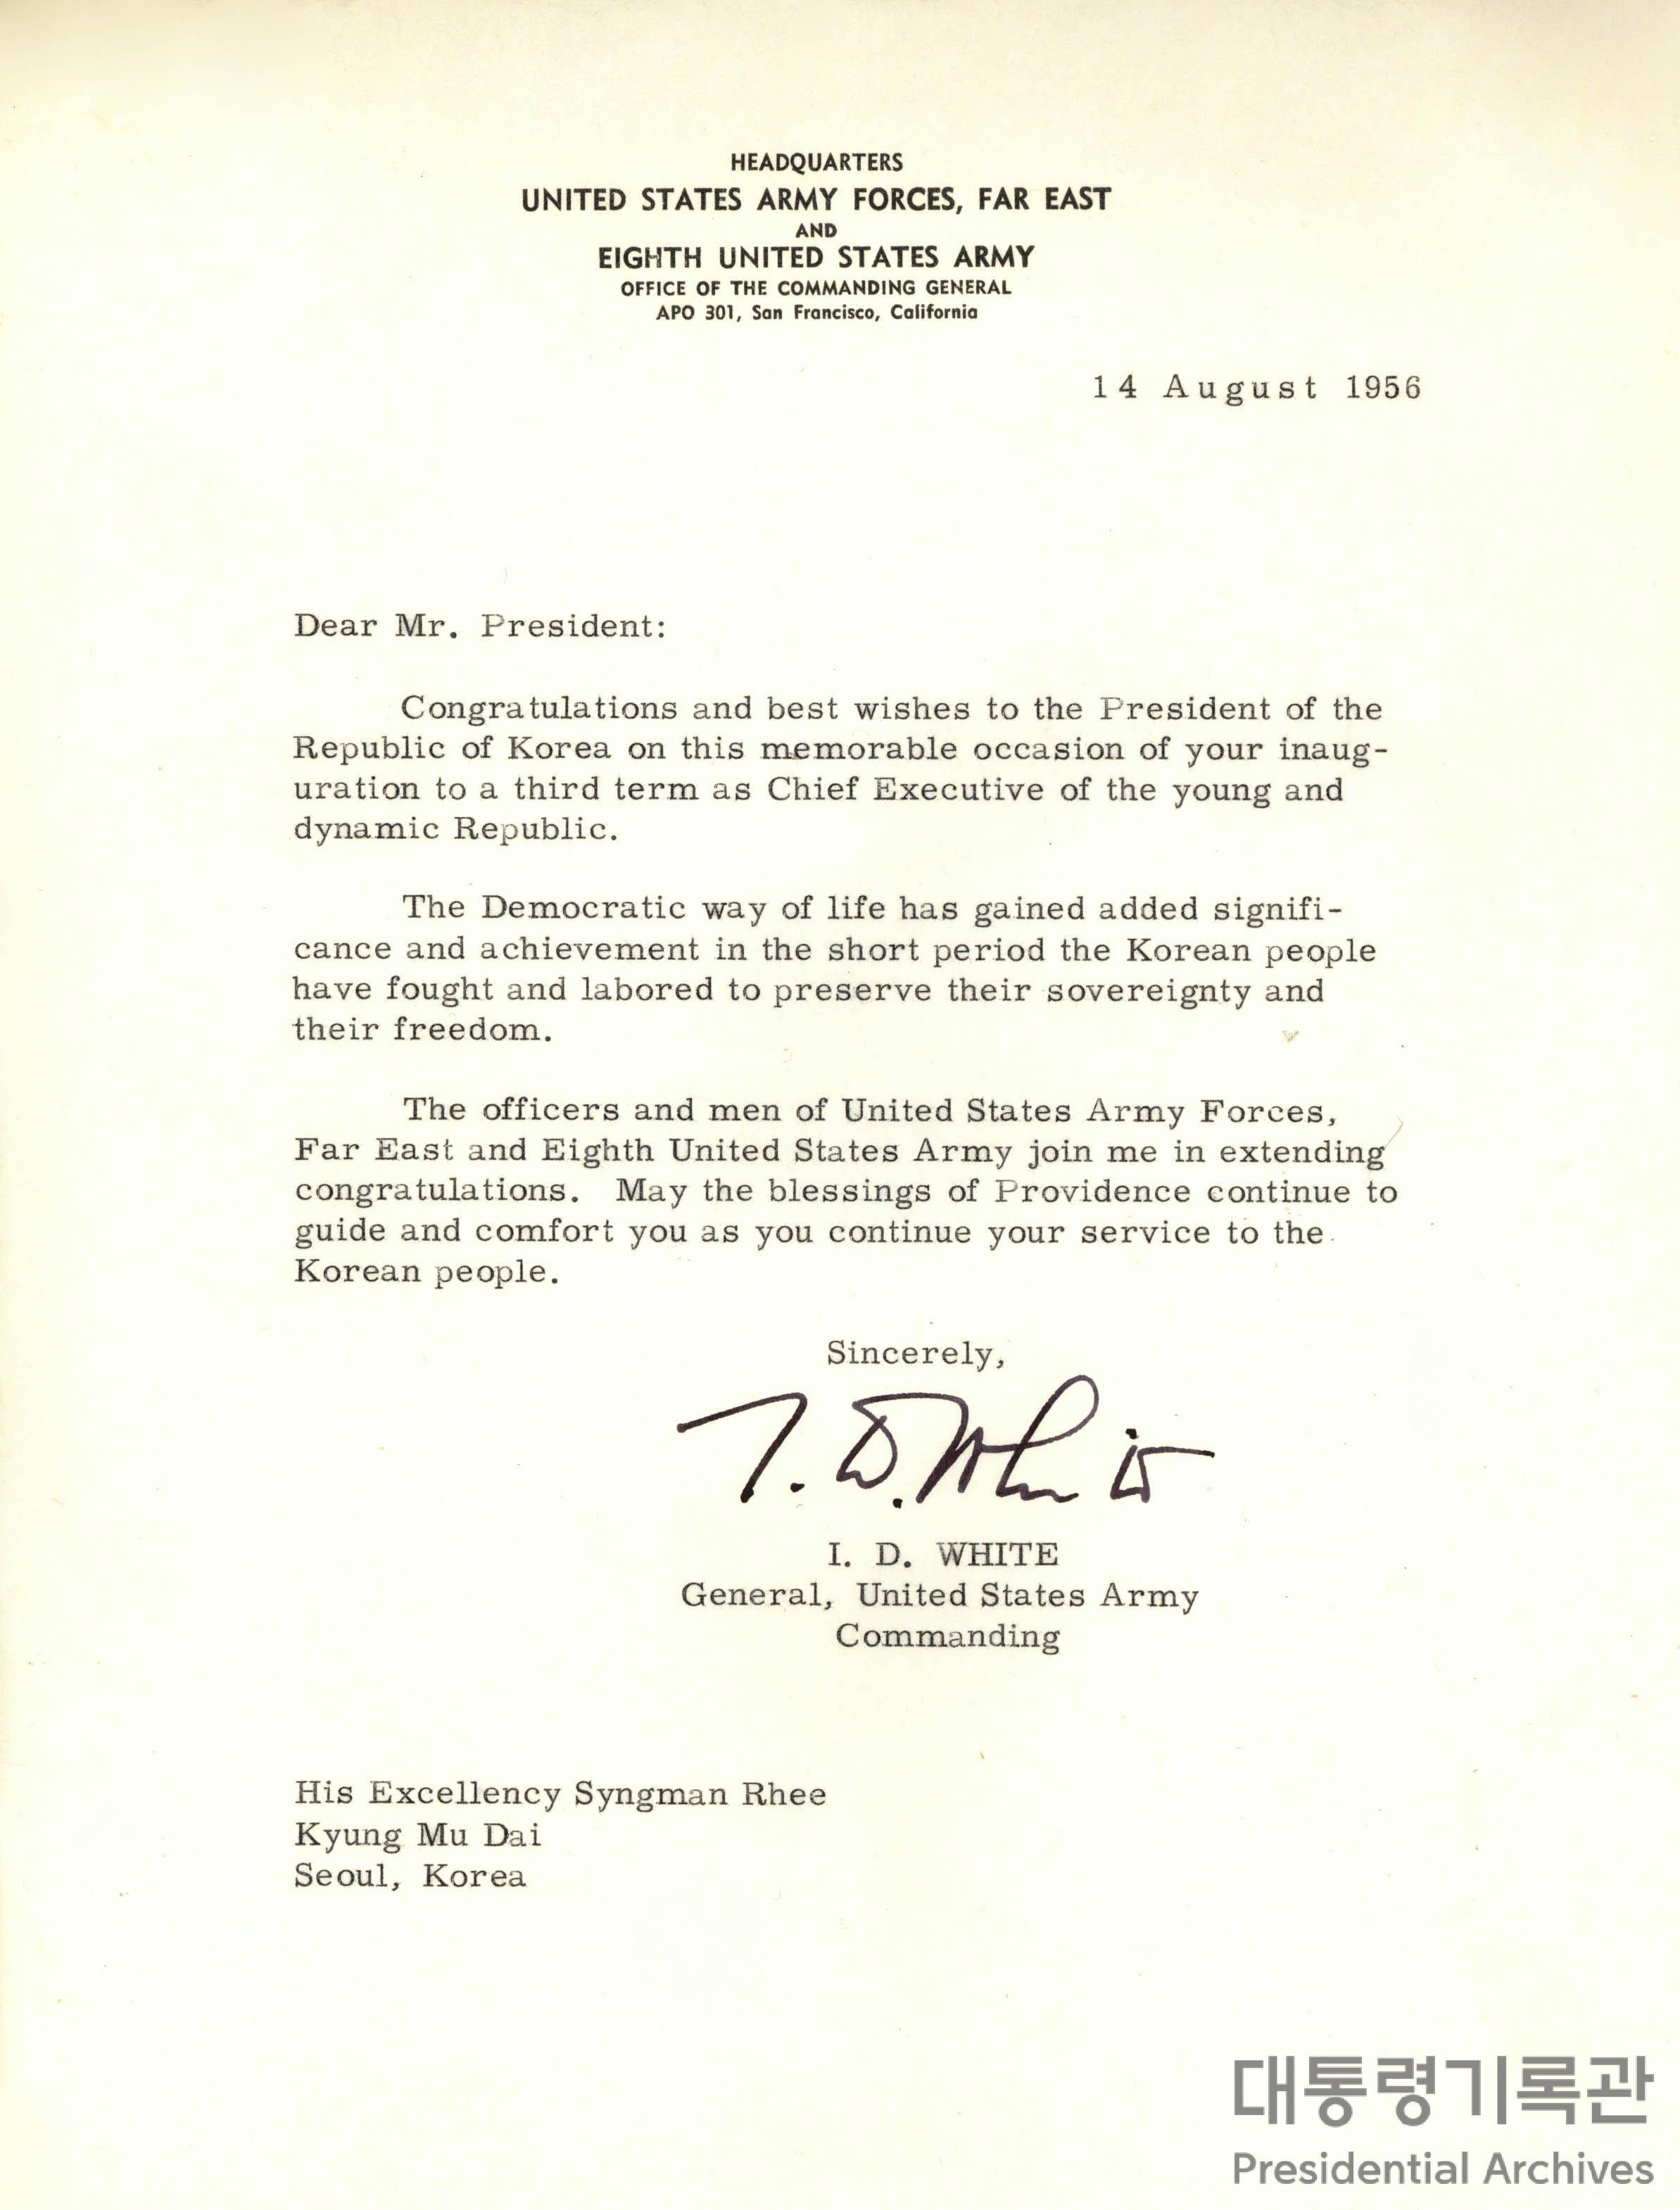 화이트(I. D. White)가 이승만 대통령에게 보낸 3선 취임축하 서한